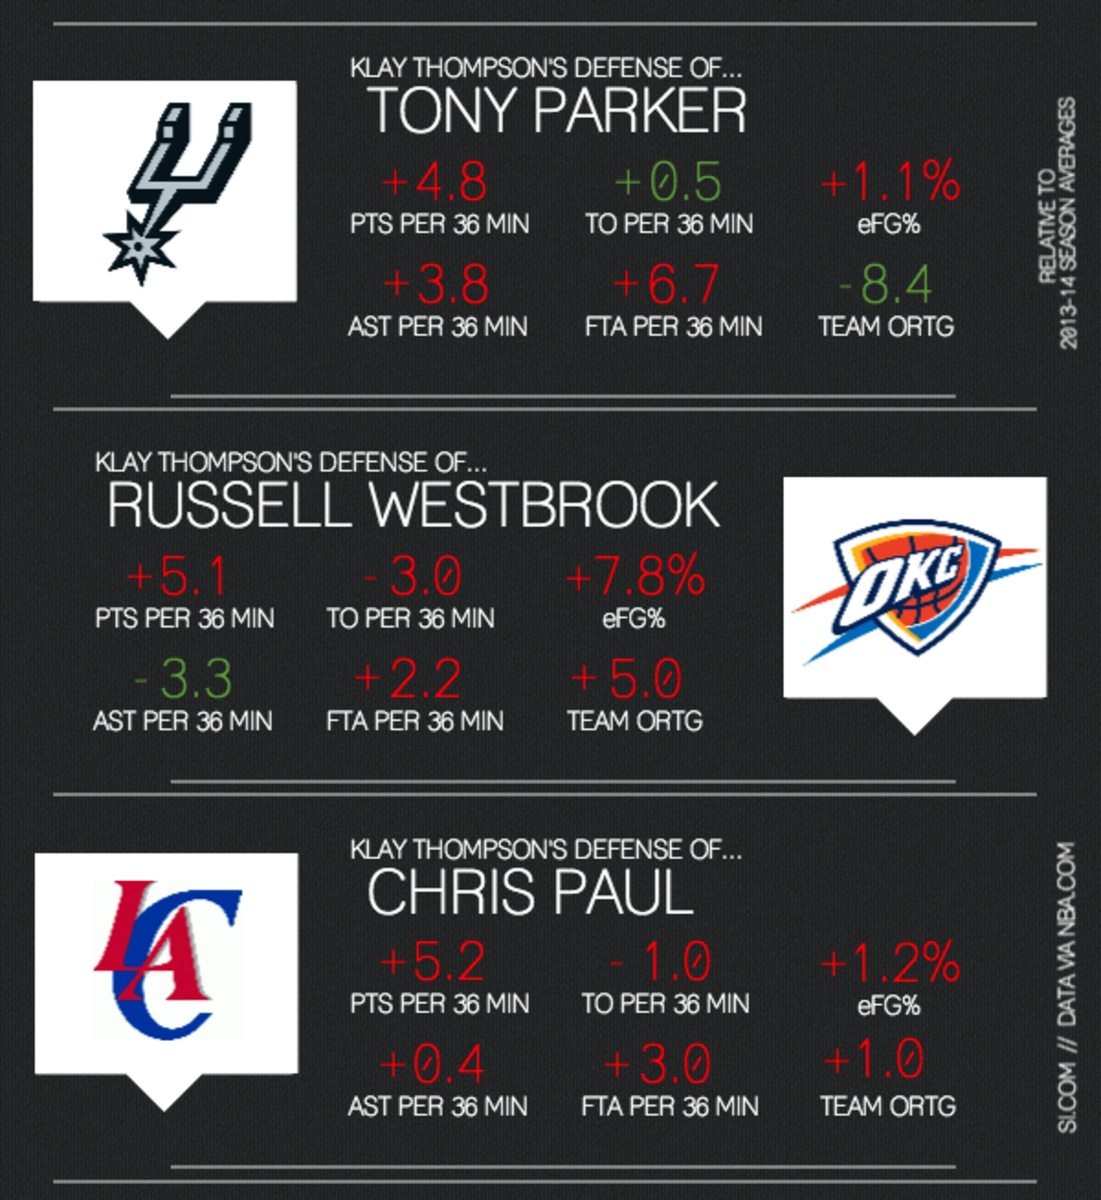 klay thompson infographic